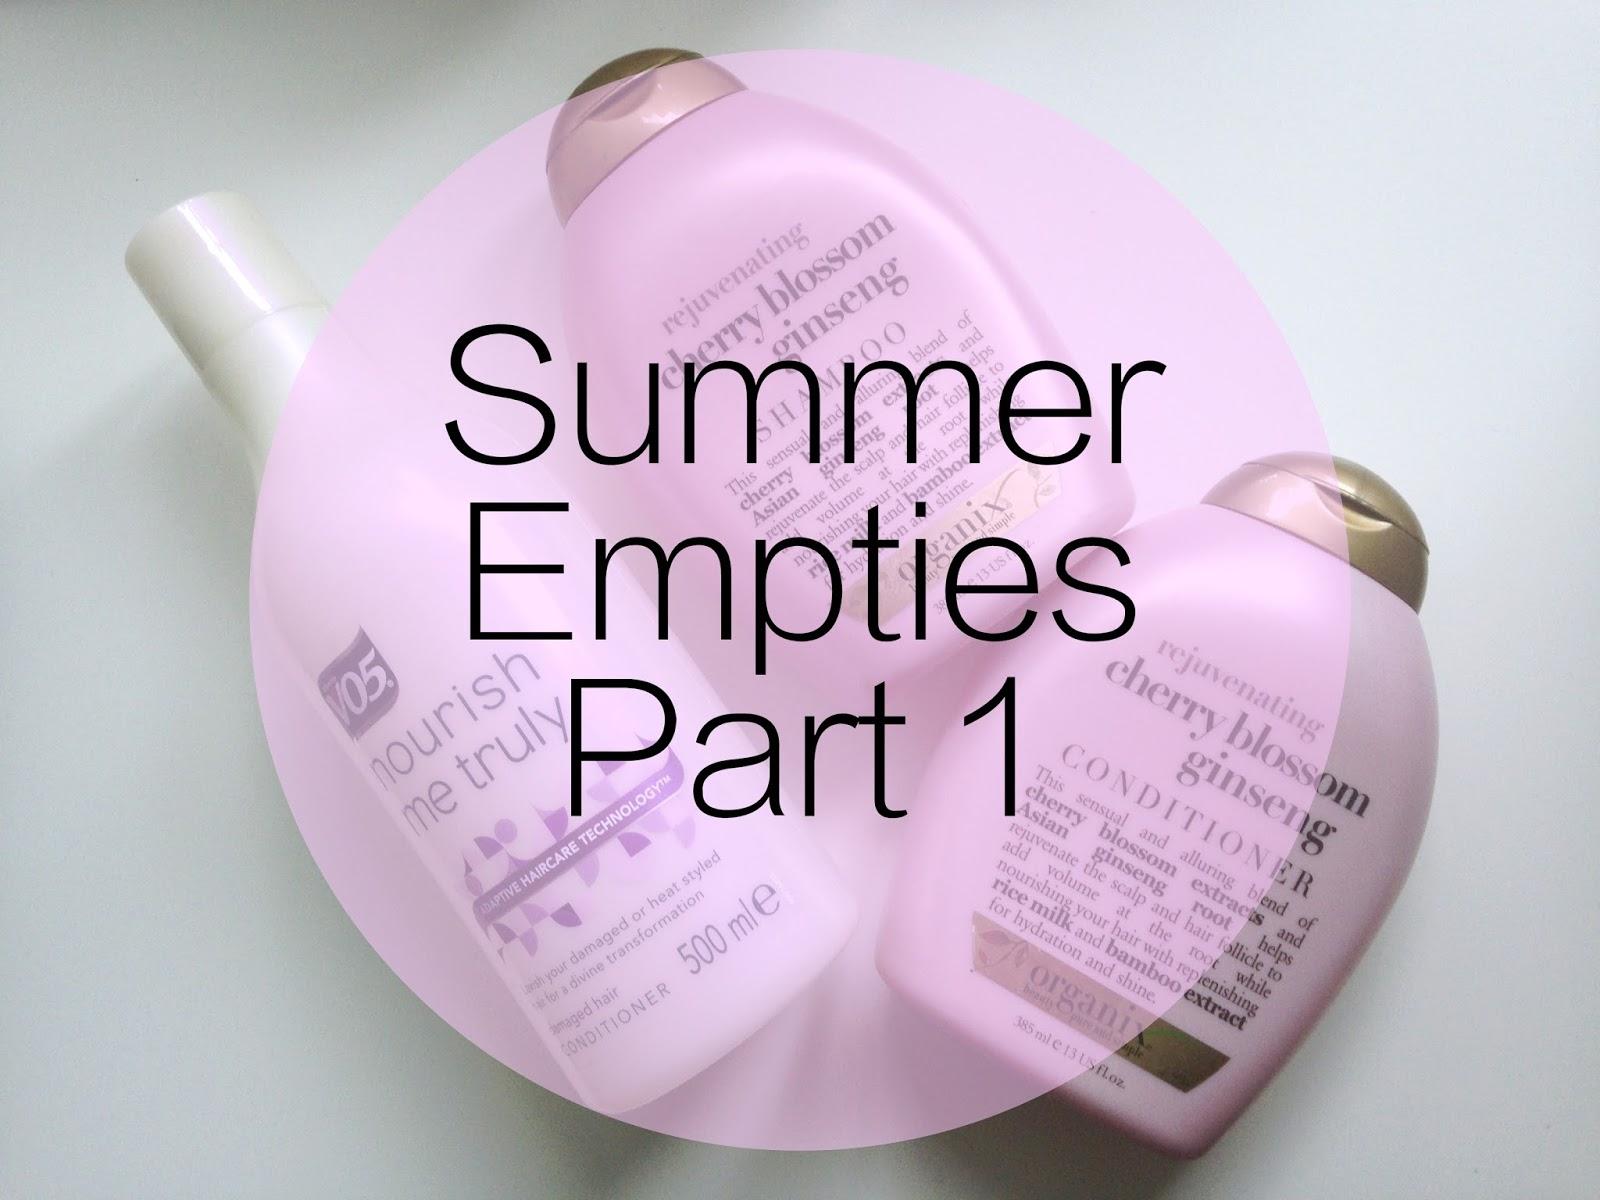 Summer Empties Part 1